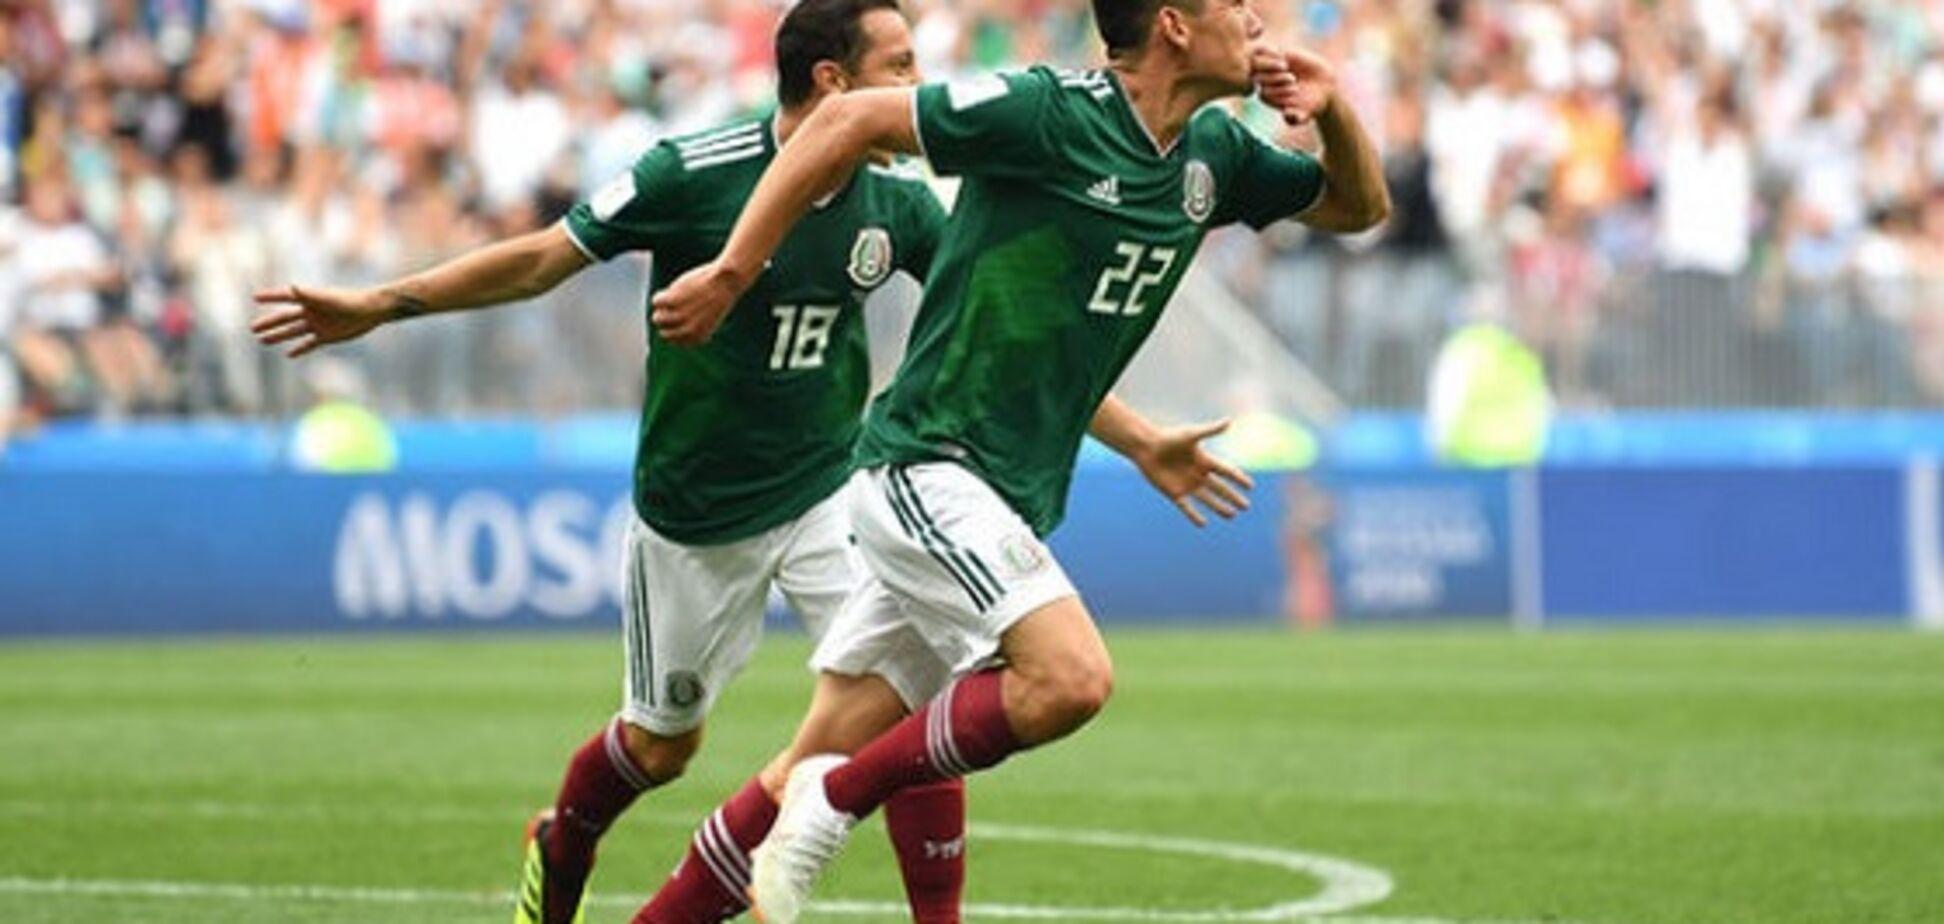 Південна Корея - Мексика: де дивитися, прогноз на матч ЧС-2018